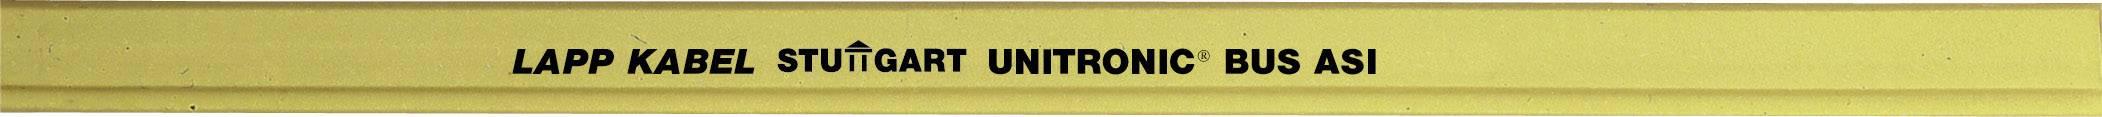 Sběrnicový kabel LappKabel UNITRONIC® BUS 2170842, žlutá, 500 m